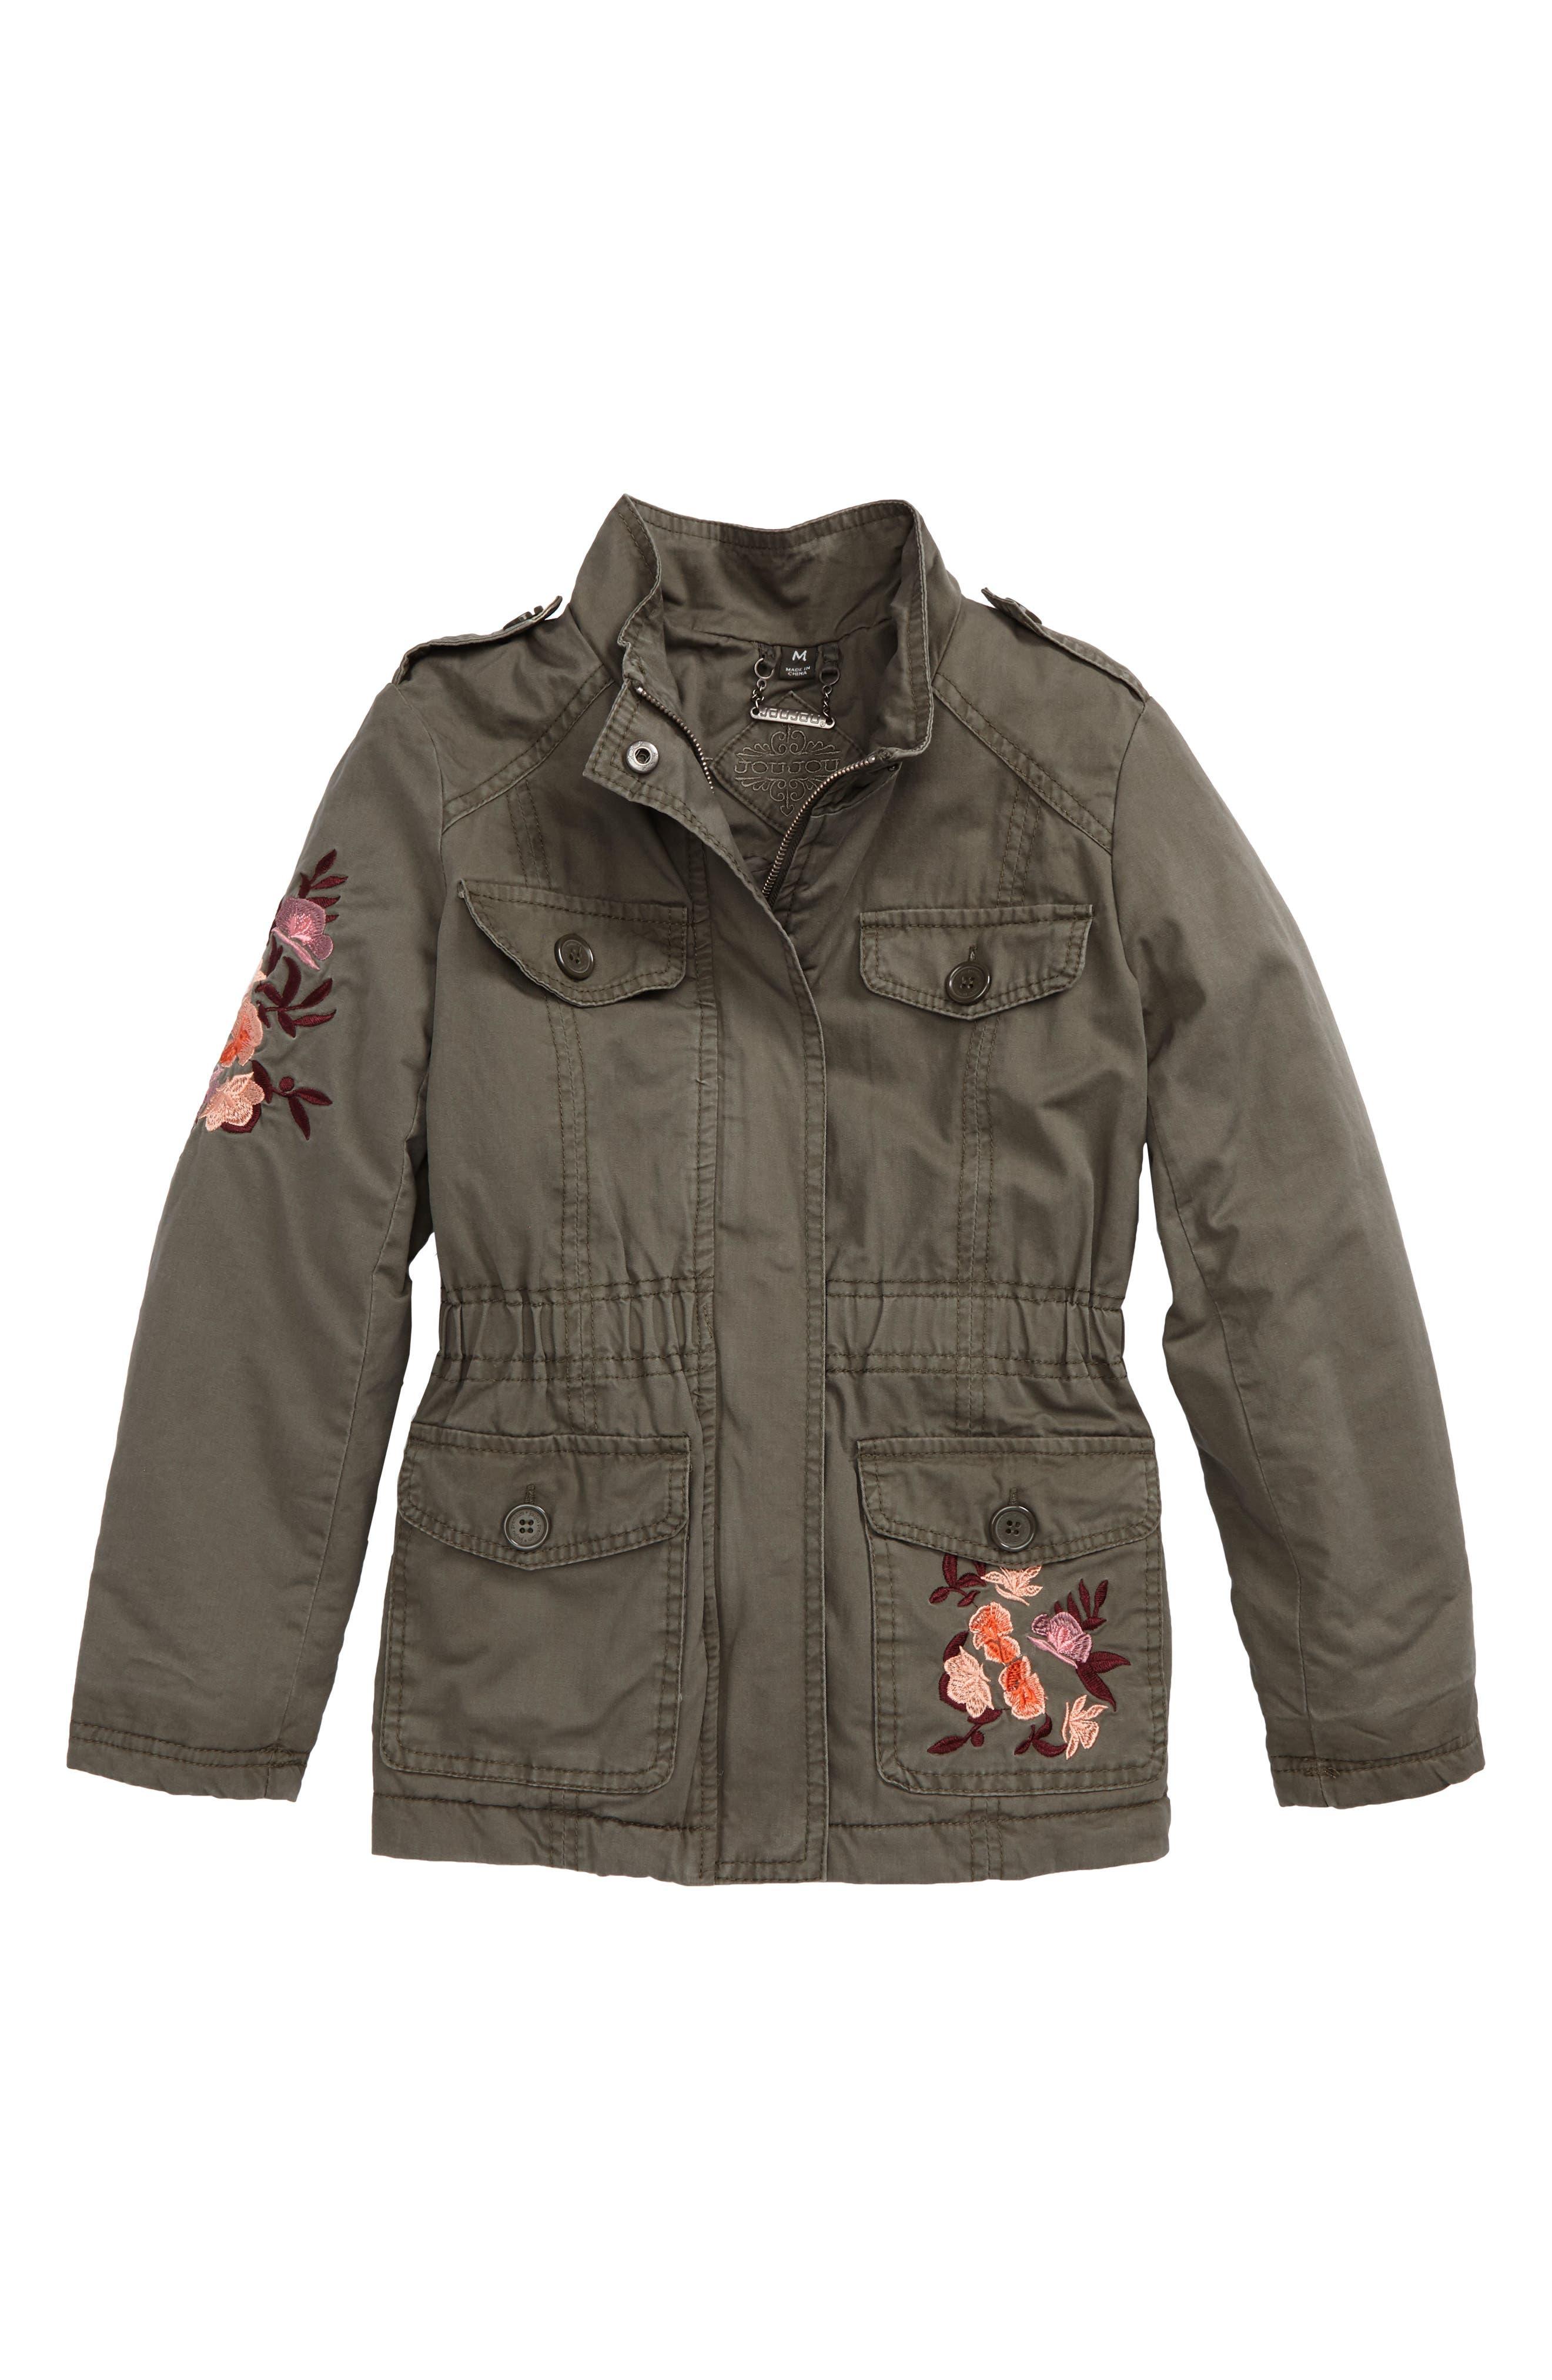 Main Image - Jou Jou Embroidered Utility Jacket (Big Girls)